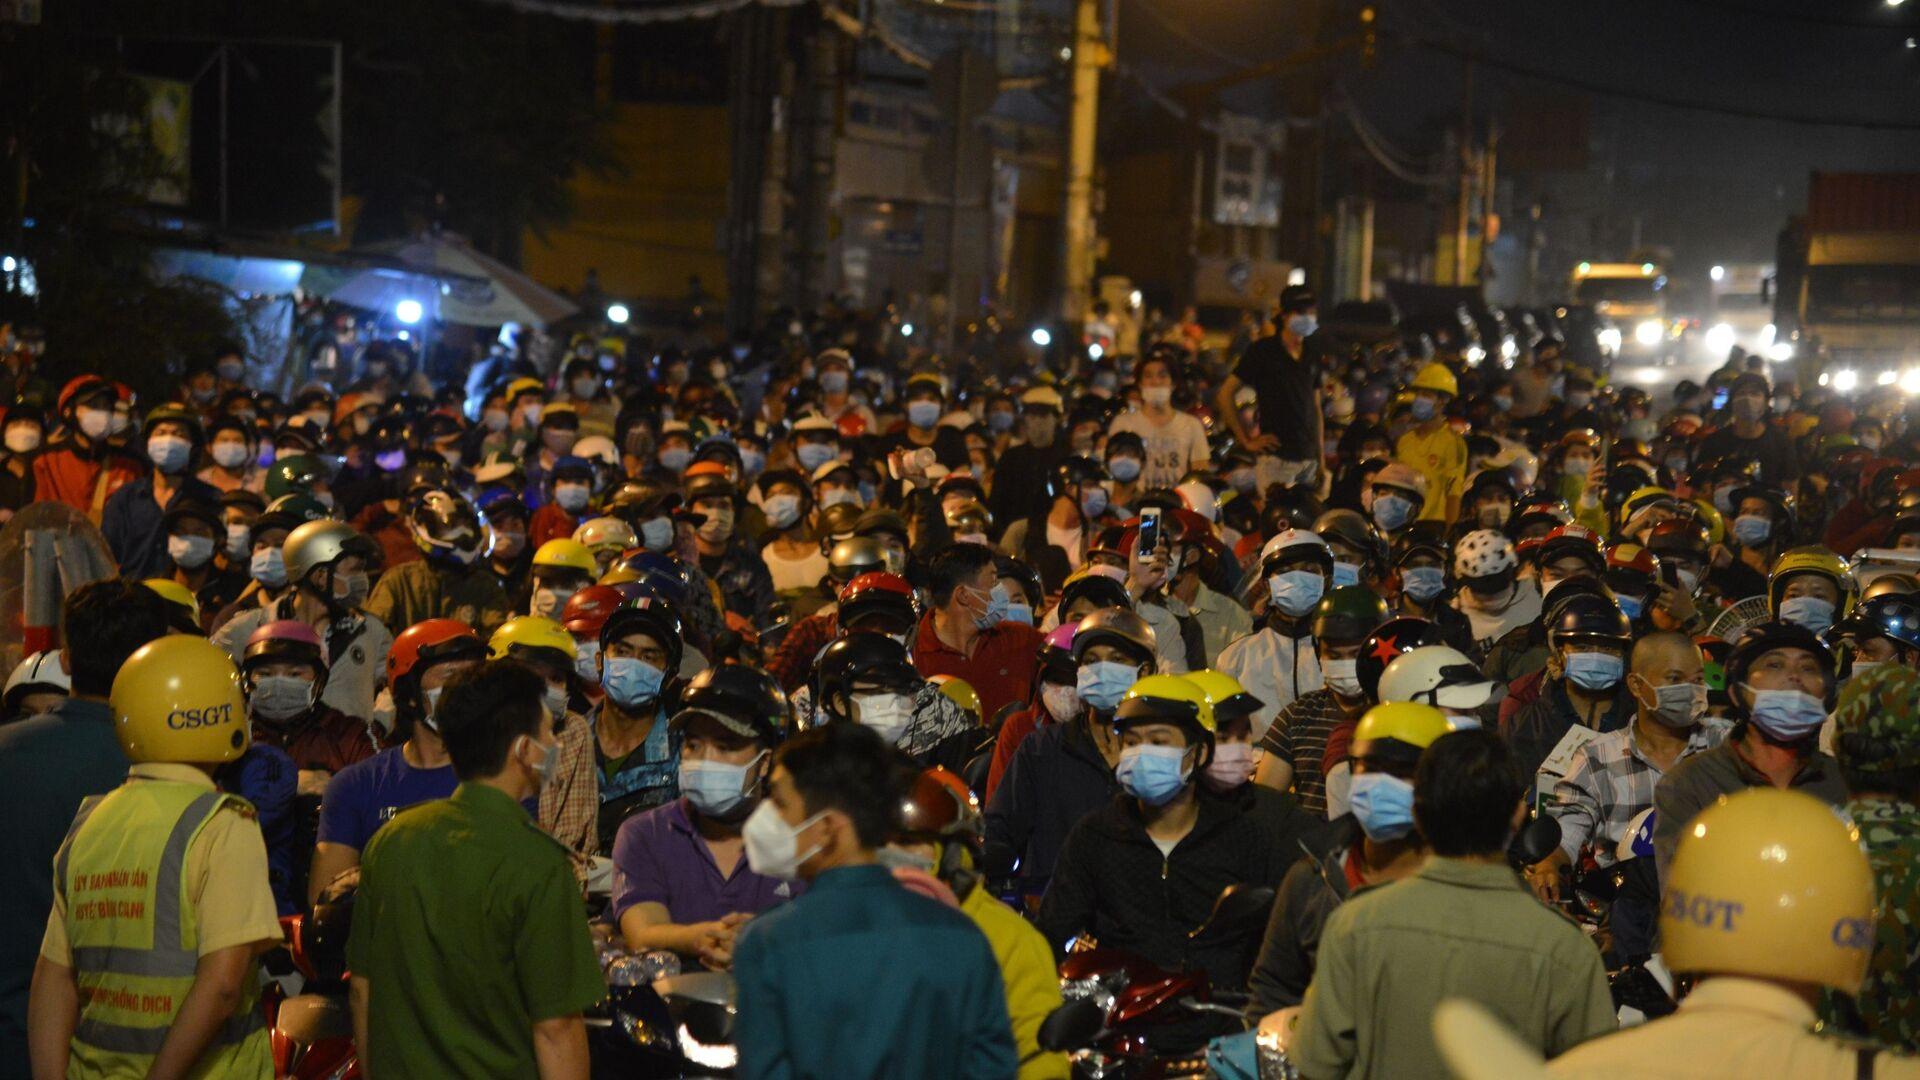 Thành phố Hồ Chí Minh: Hàng nghìn người dân đi xe máy tập trung trên Quốc lộ 1 để về quê trong đêm - Sputnik Việt Nam, 1920, 07.10.2021